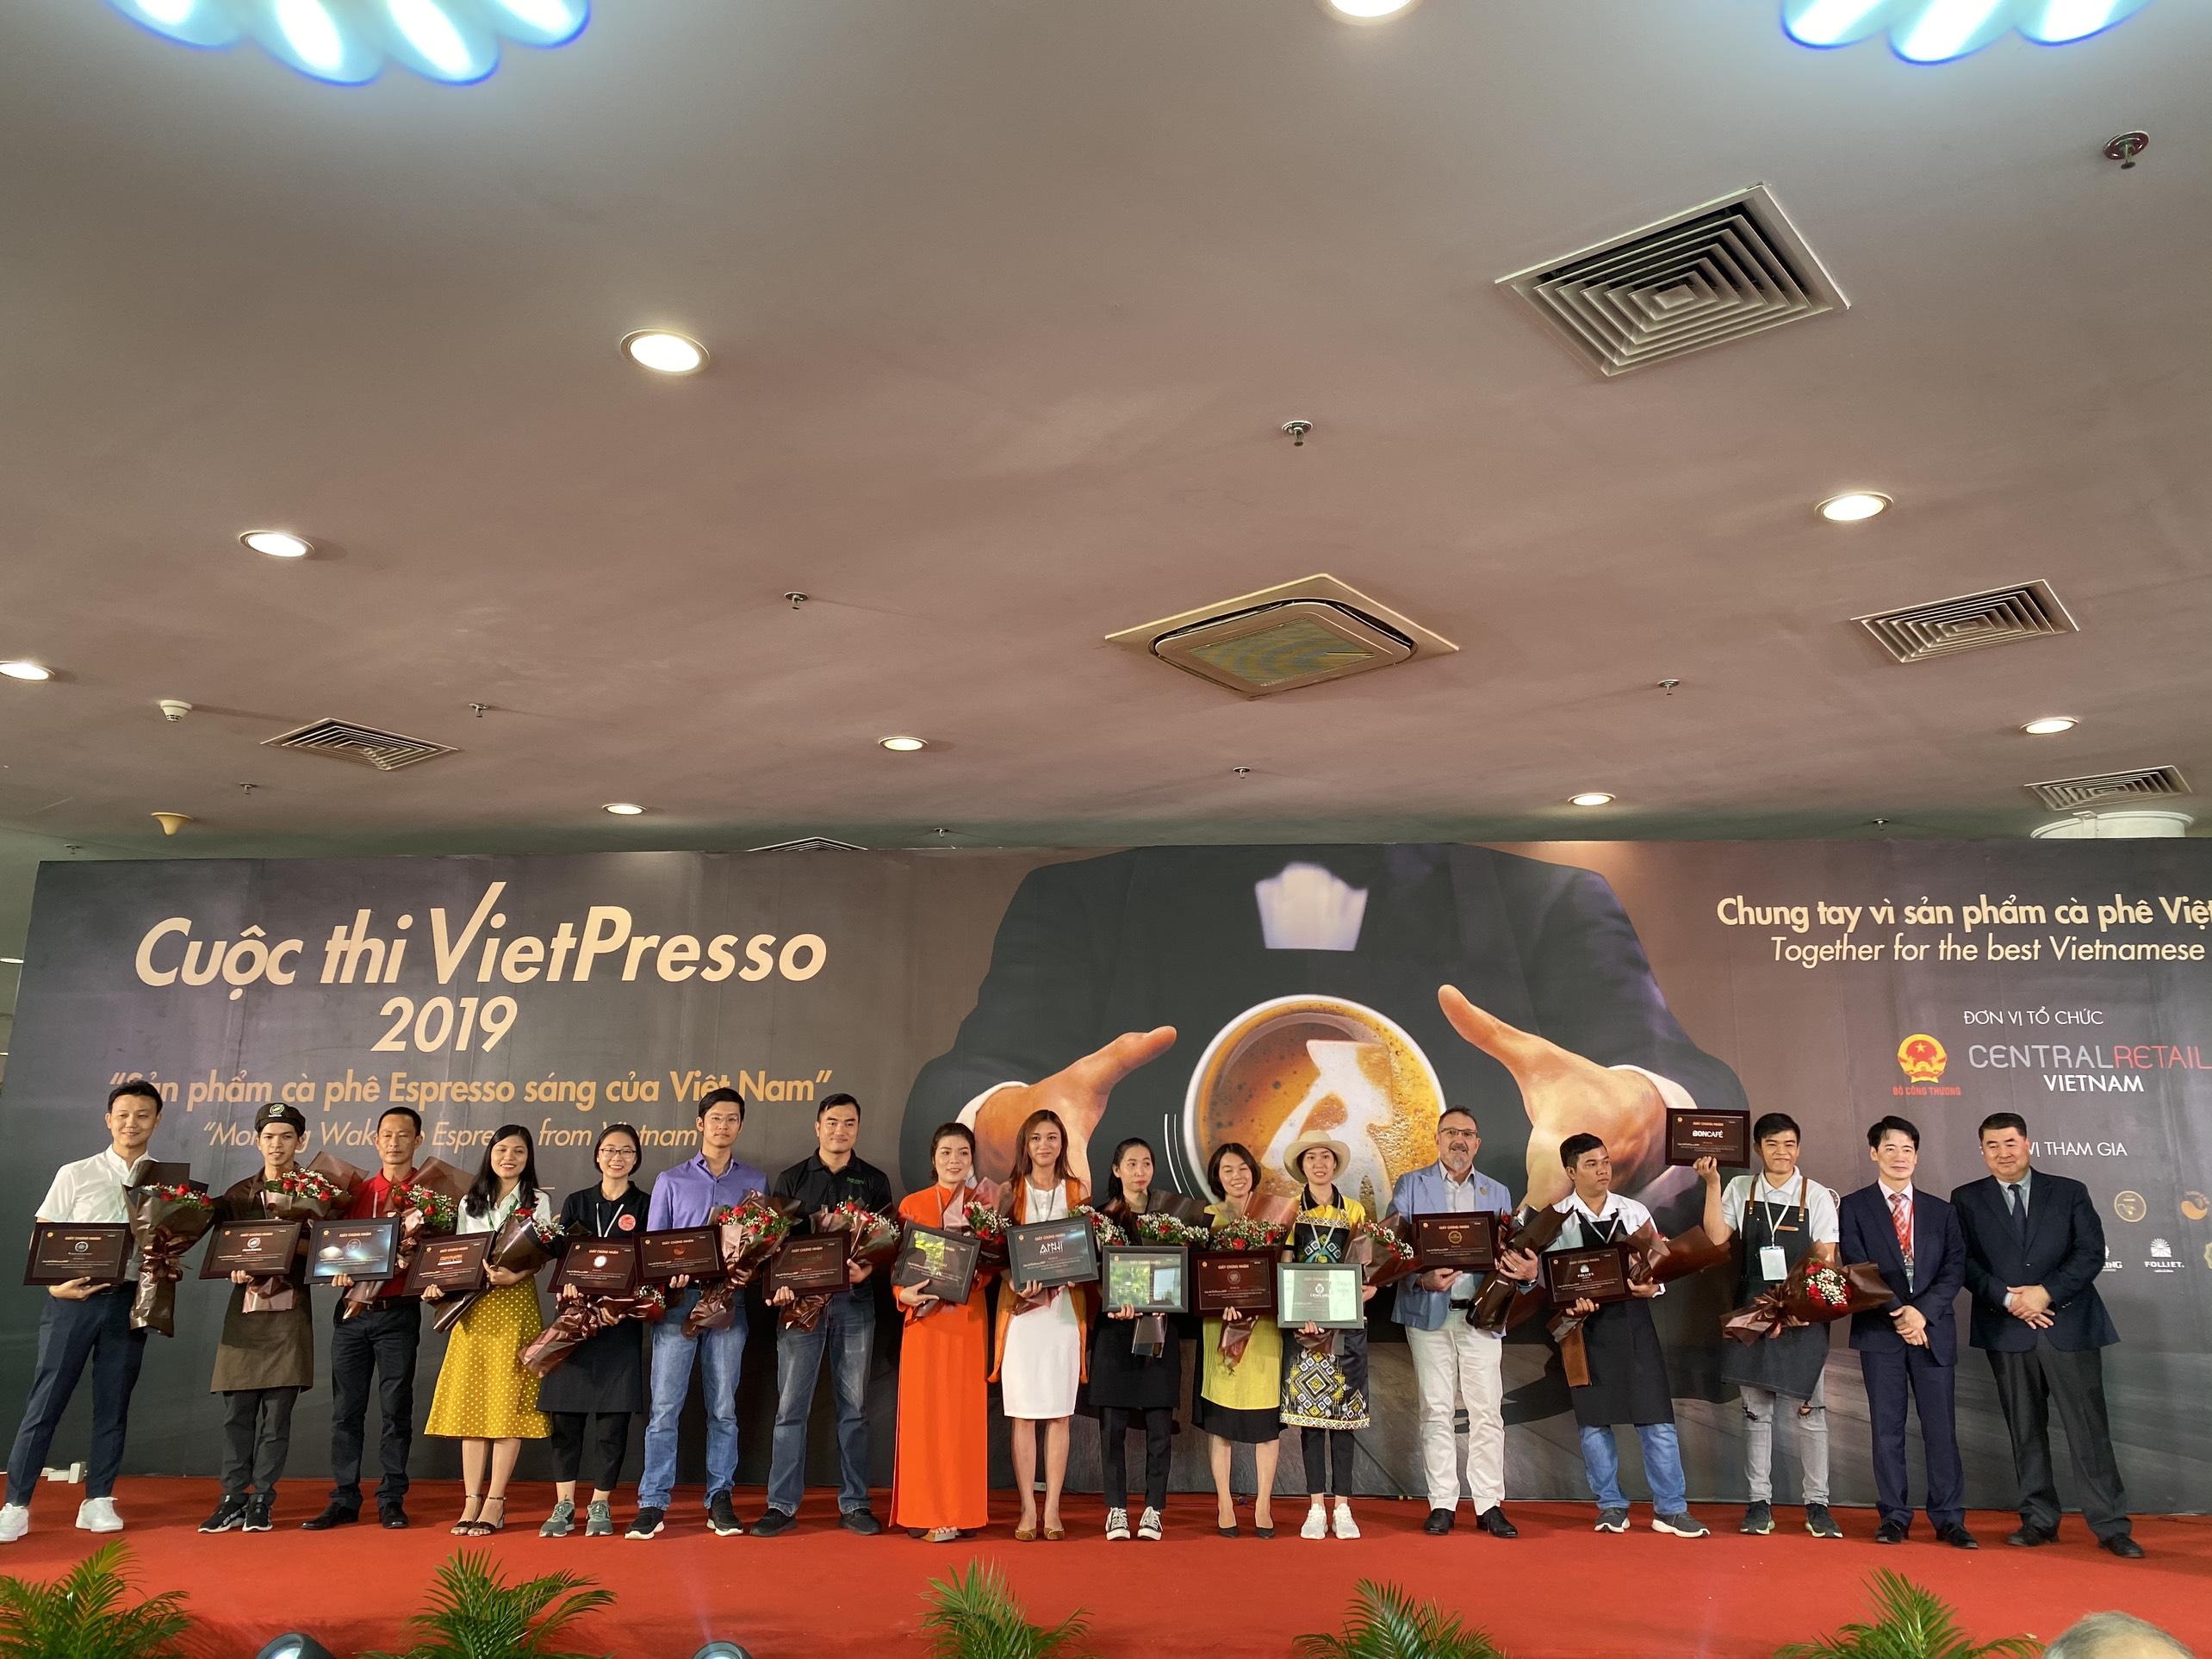 ANNI COFFEE tham gia cuộc thi VietPresso 2019 cùng 15 đơn vị cung cấp uy tin